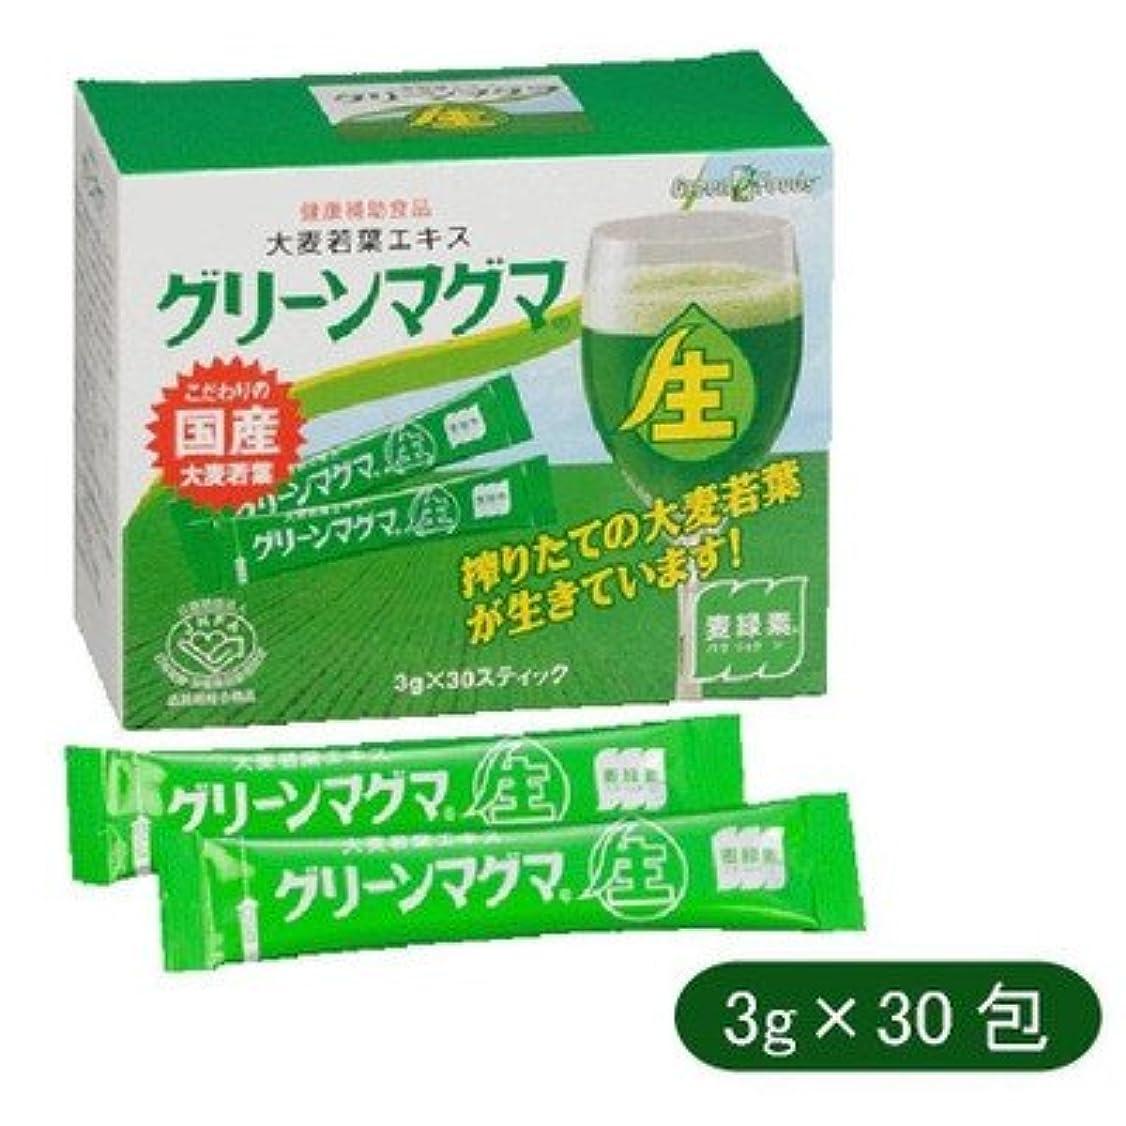 日本薬品開発 大麦若葉エキス グリーンマグマ 3g×30包 642670